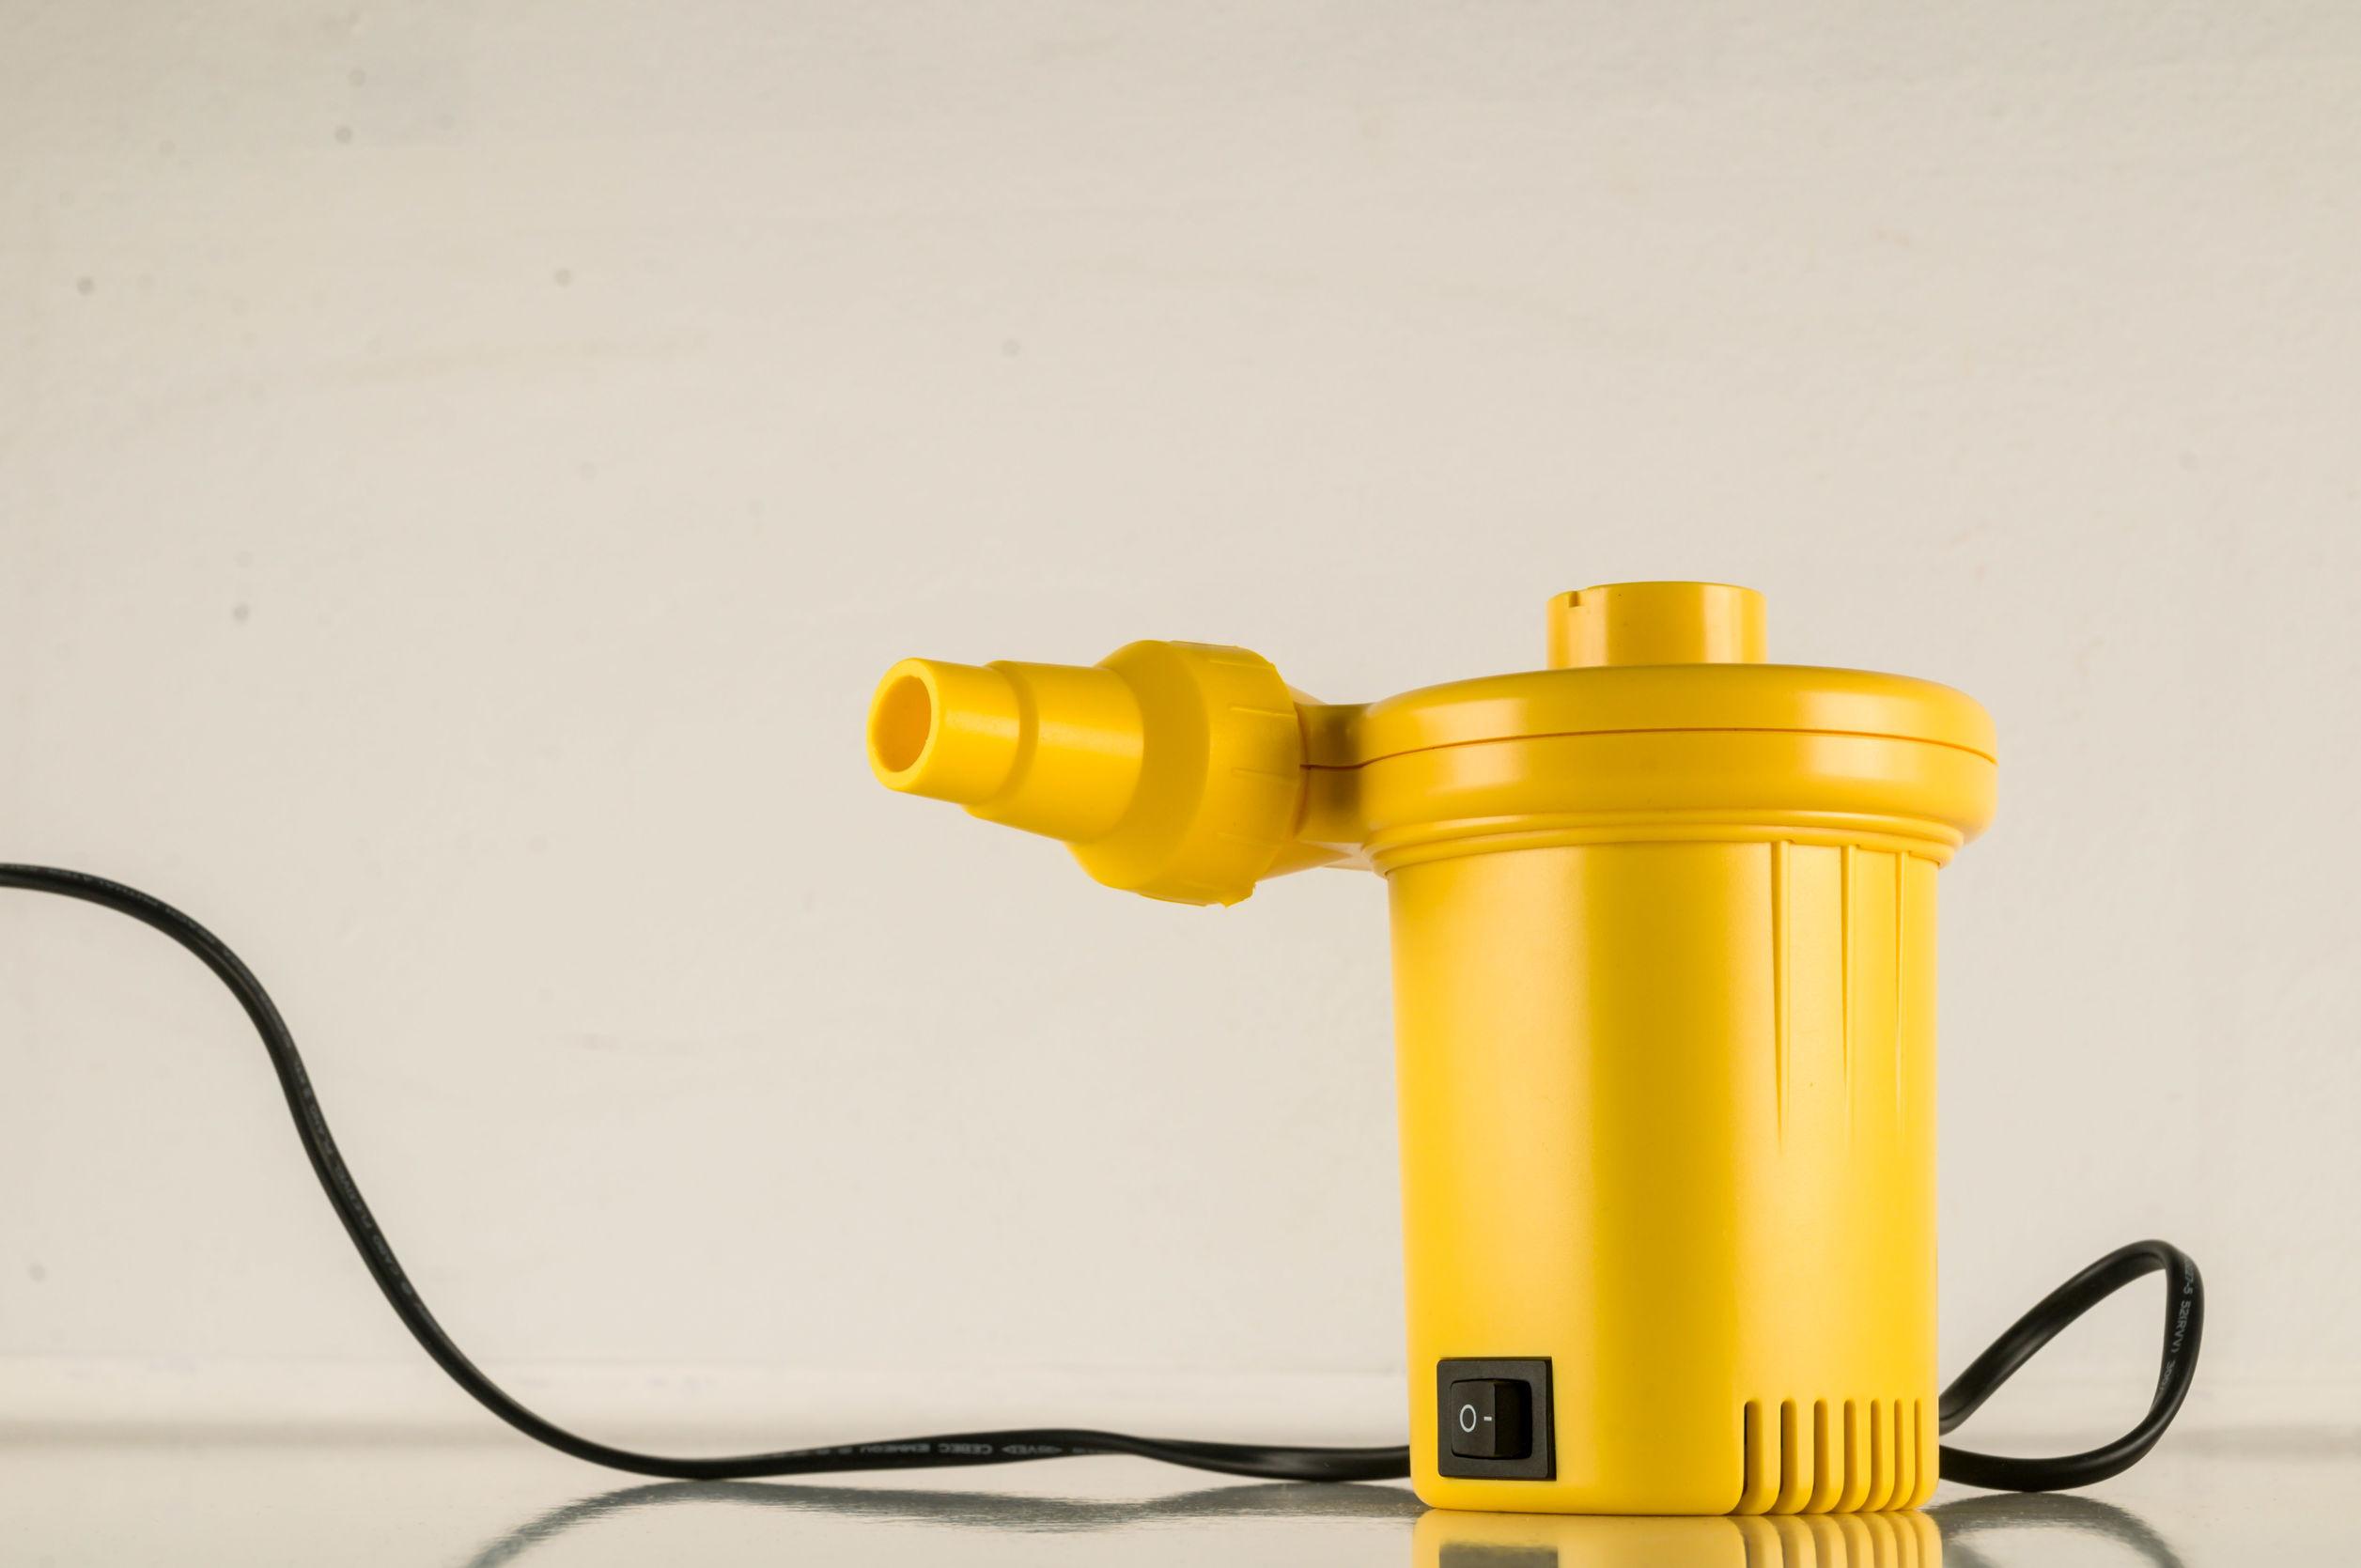 Imagem mostra um inflador amarelo sob uma superfície lisa e um fundo branco.